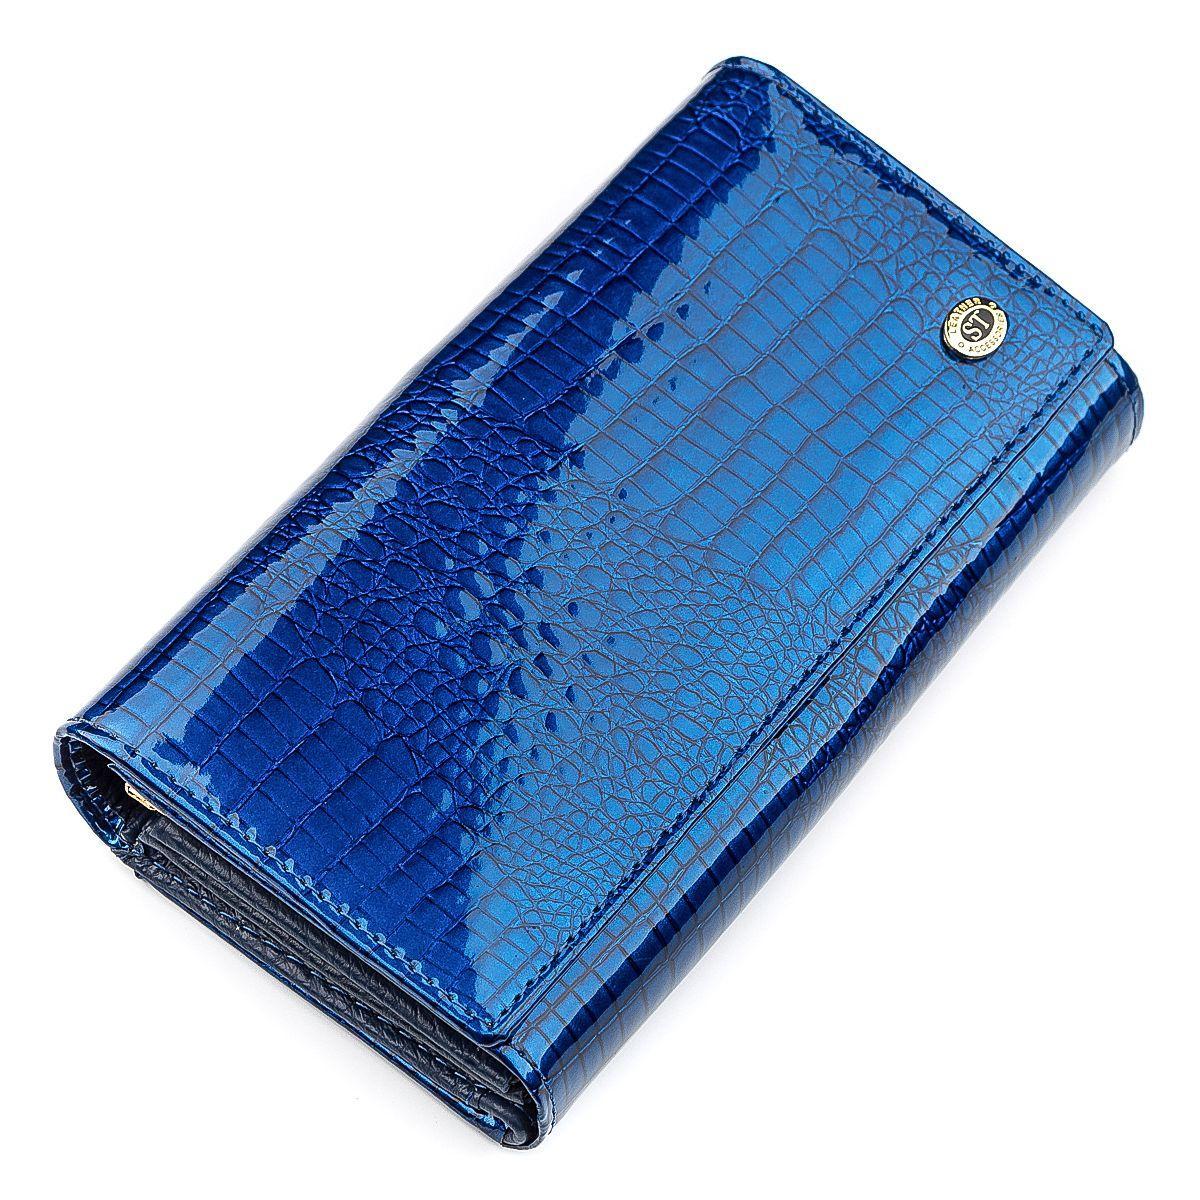 Кошелек женский ST Leather 18432 (S9001A) модный Синий, Синий